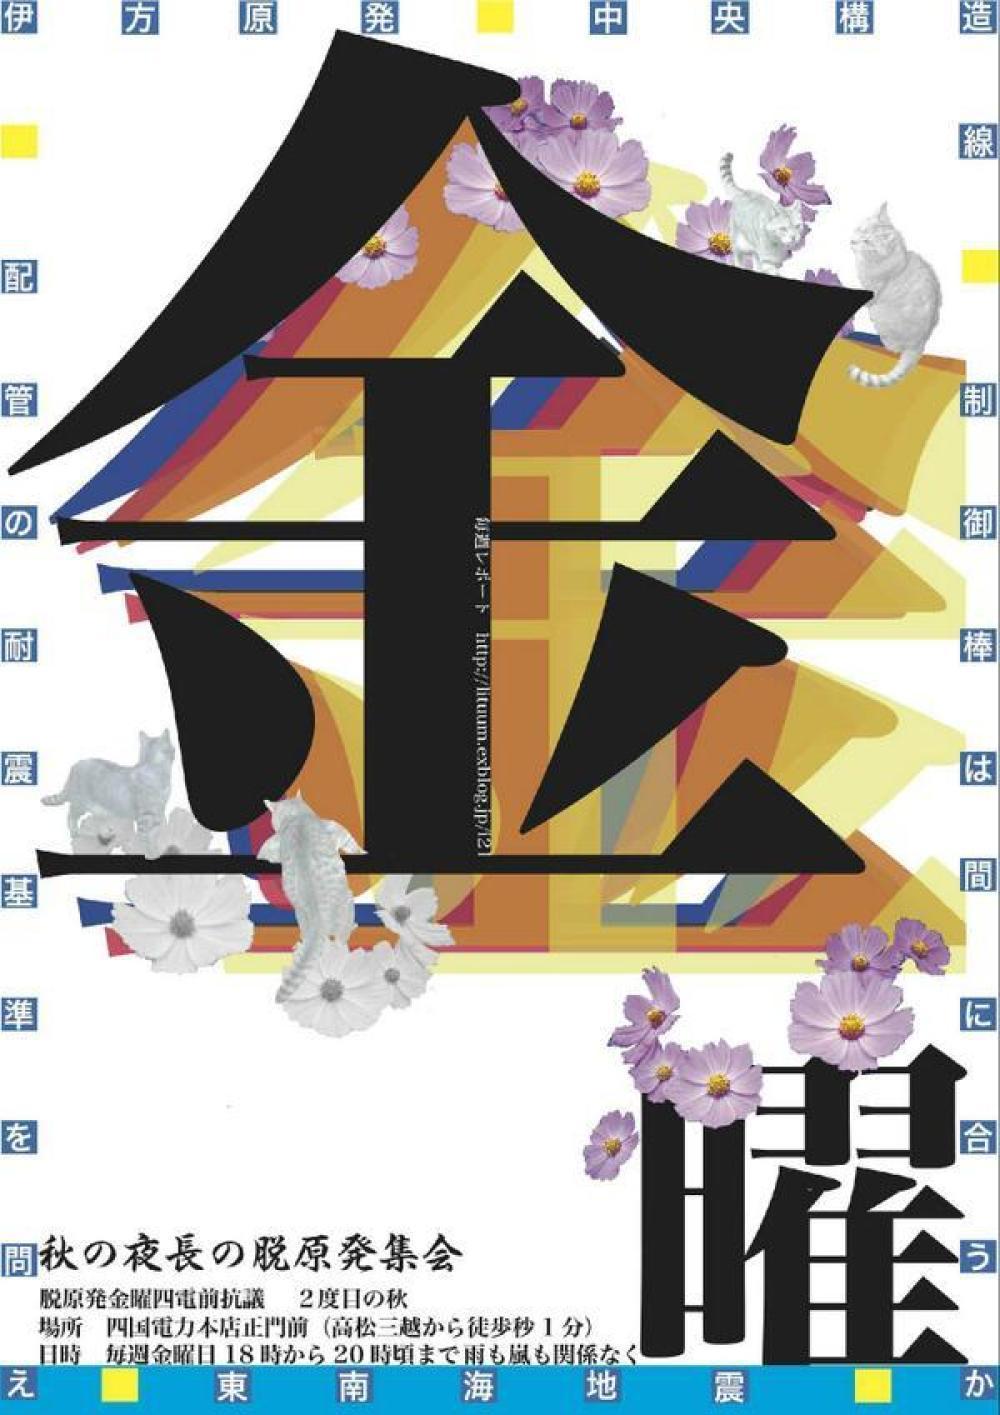 359回目四電本社前再稼働反対抗議レポ 5月24日(金)高松 【伊方原発を止める。私たちは止まらない。31】【 原発は必要悪ではない。悪だ!】_b0242956_23274131.jpg